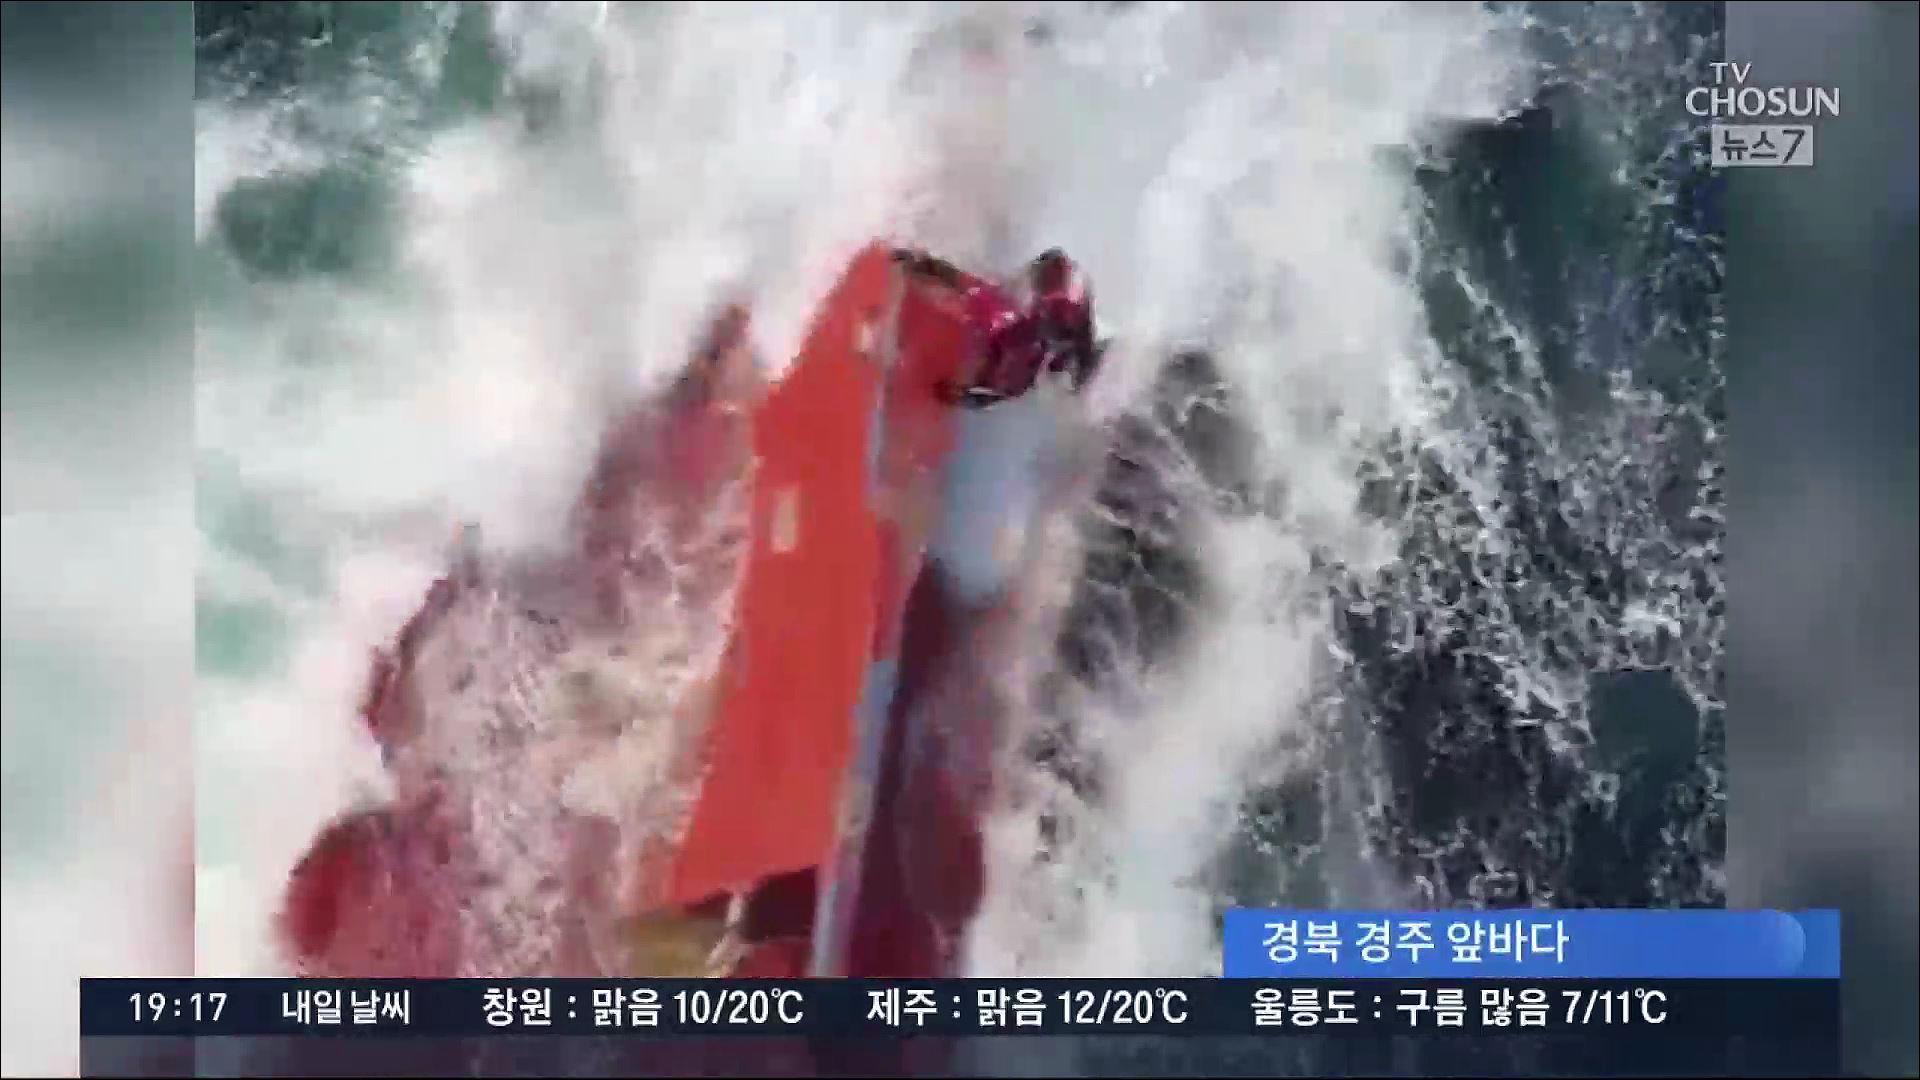 어선 전복 40시간만에 생존자 구조…'에어포켓' 덕분에 구사일생